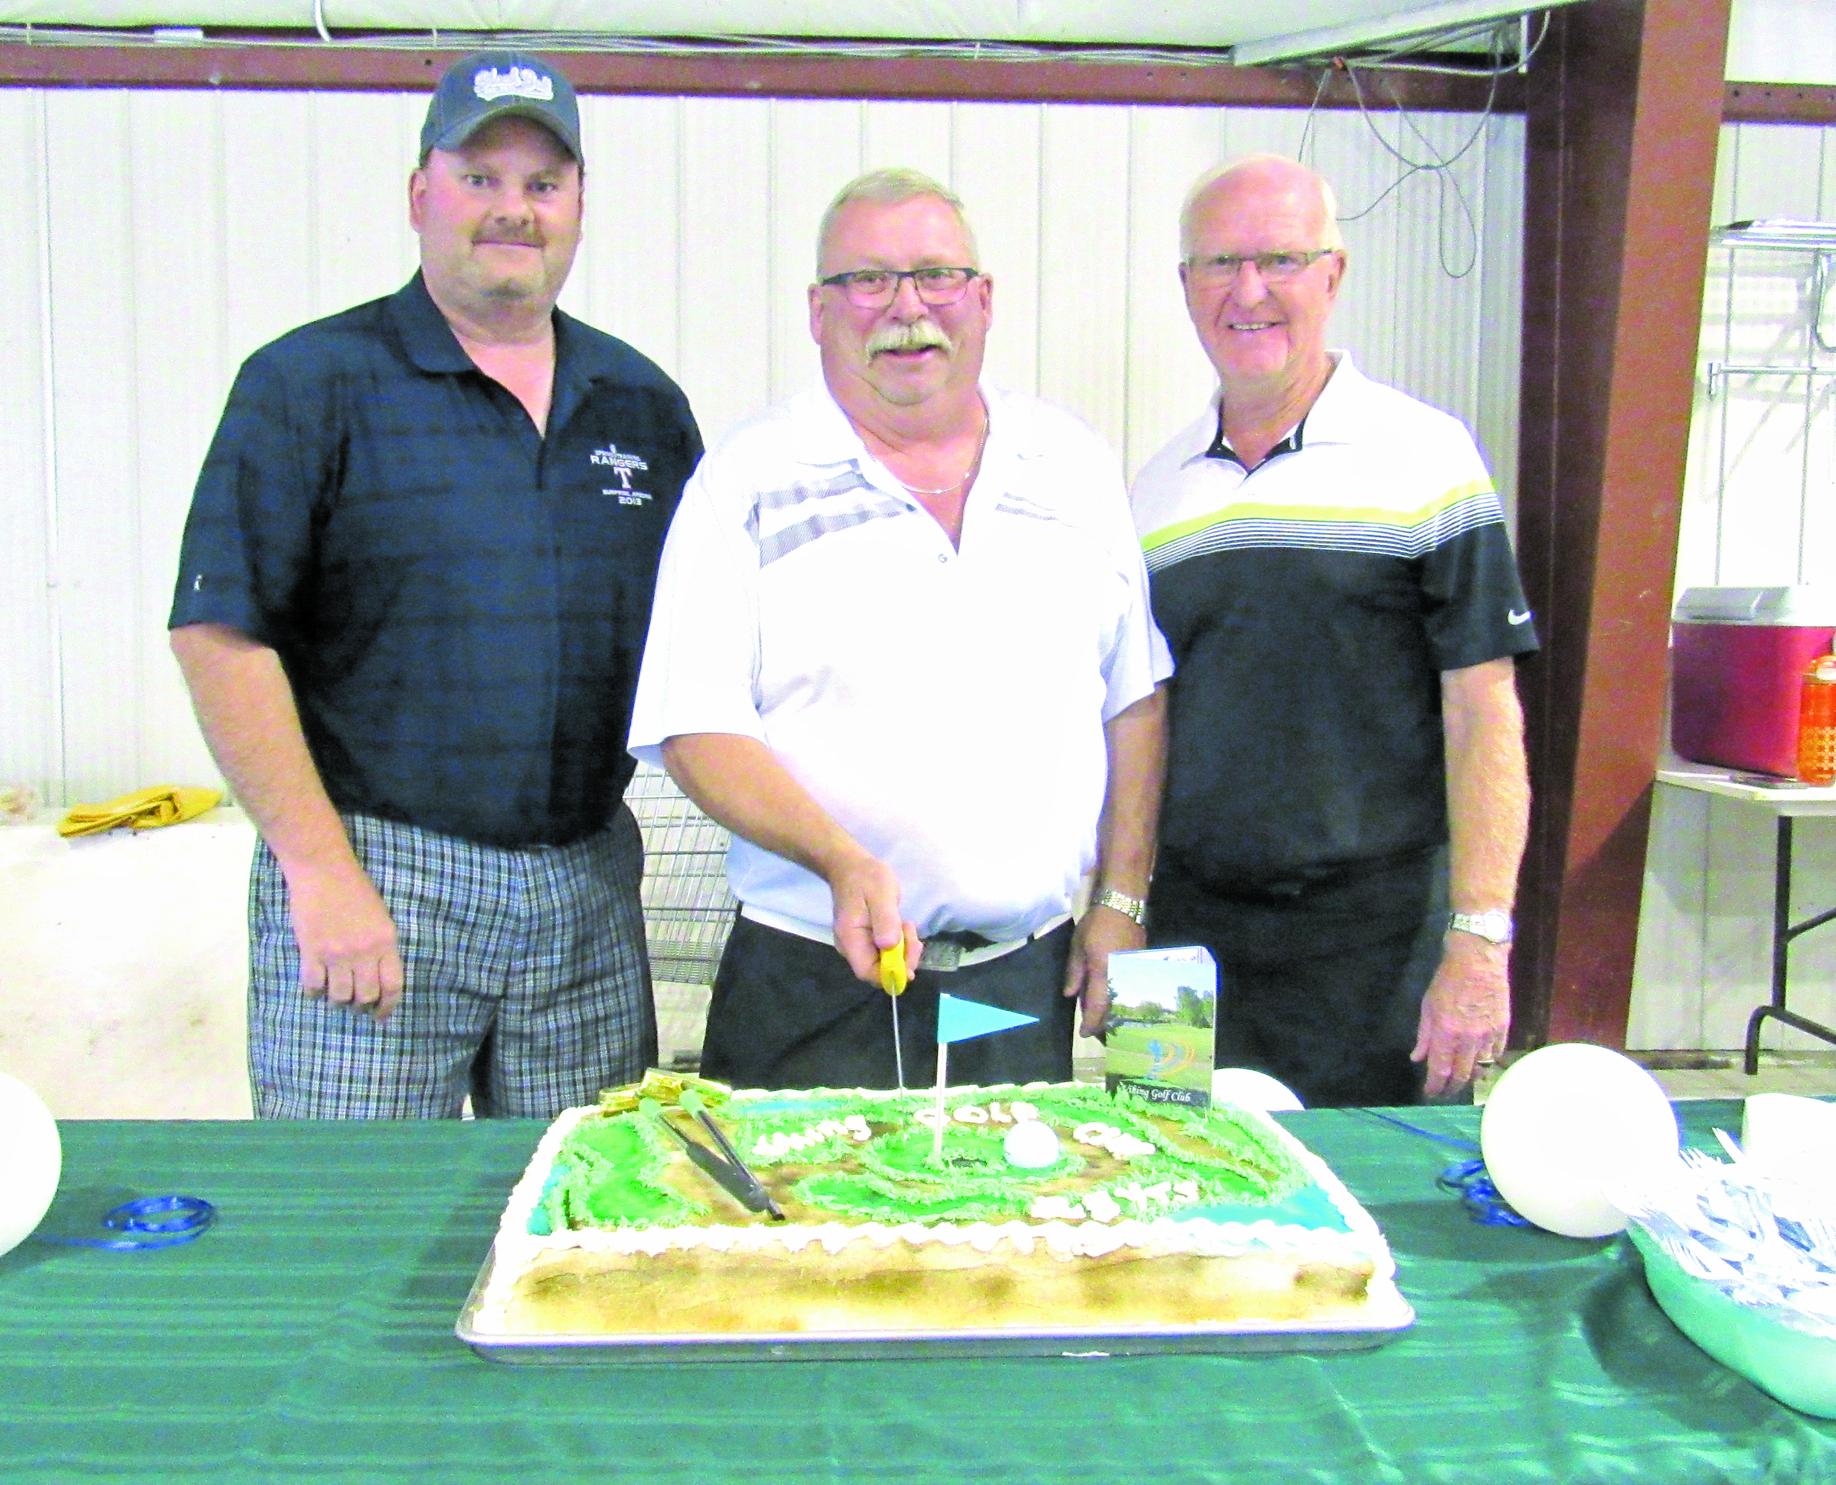 Golf course cake Aug9-16